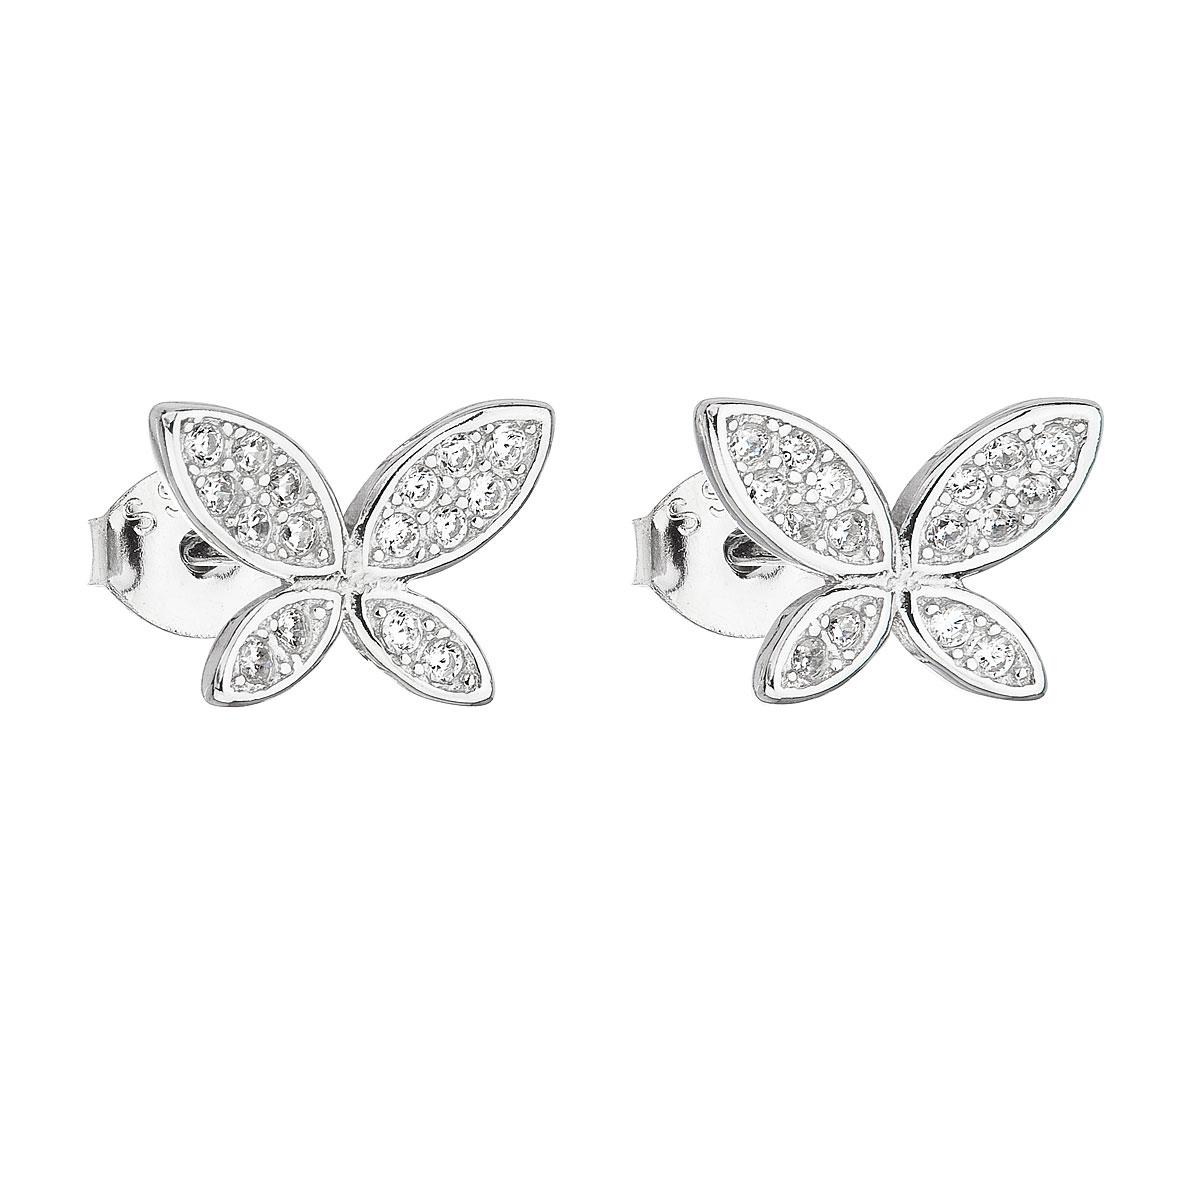 Strieborné náušnice kôstky so zirkónom biely motýľ 11149.1